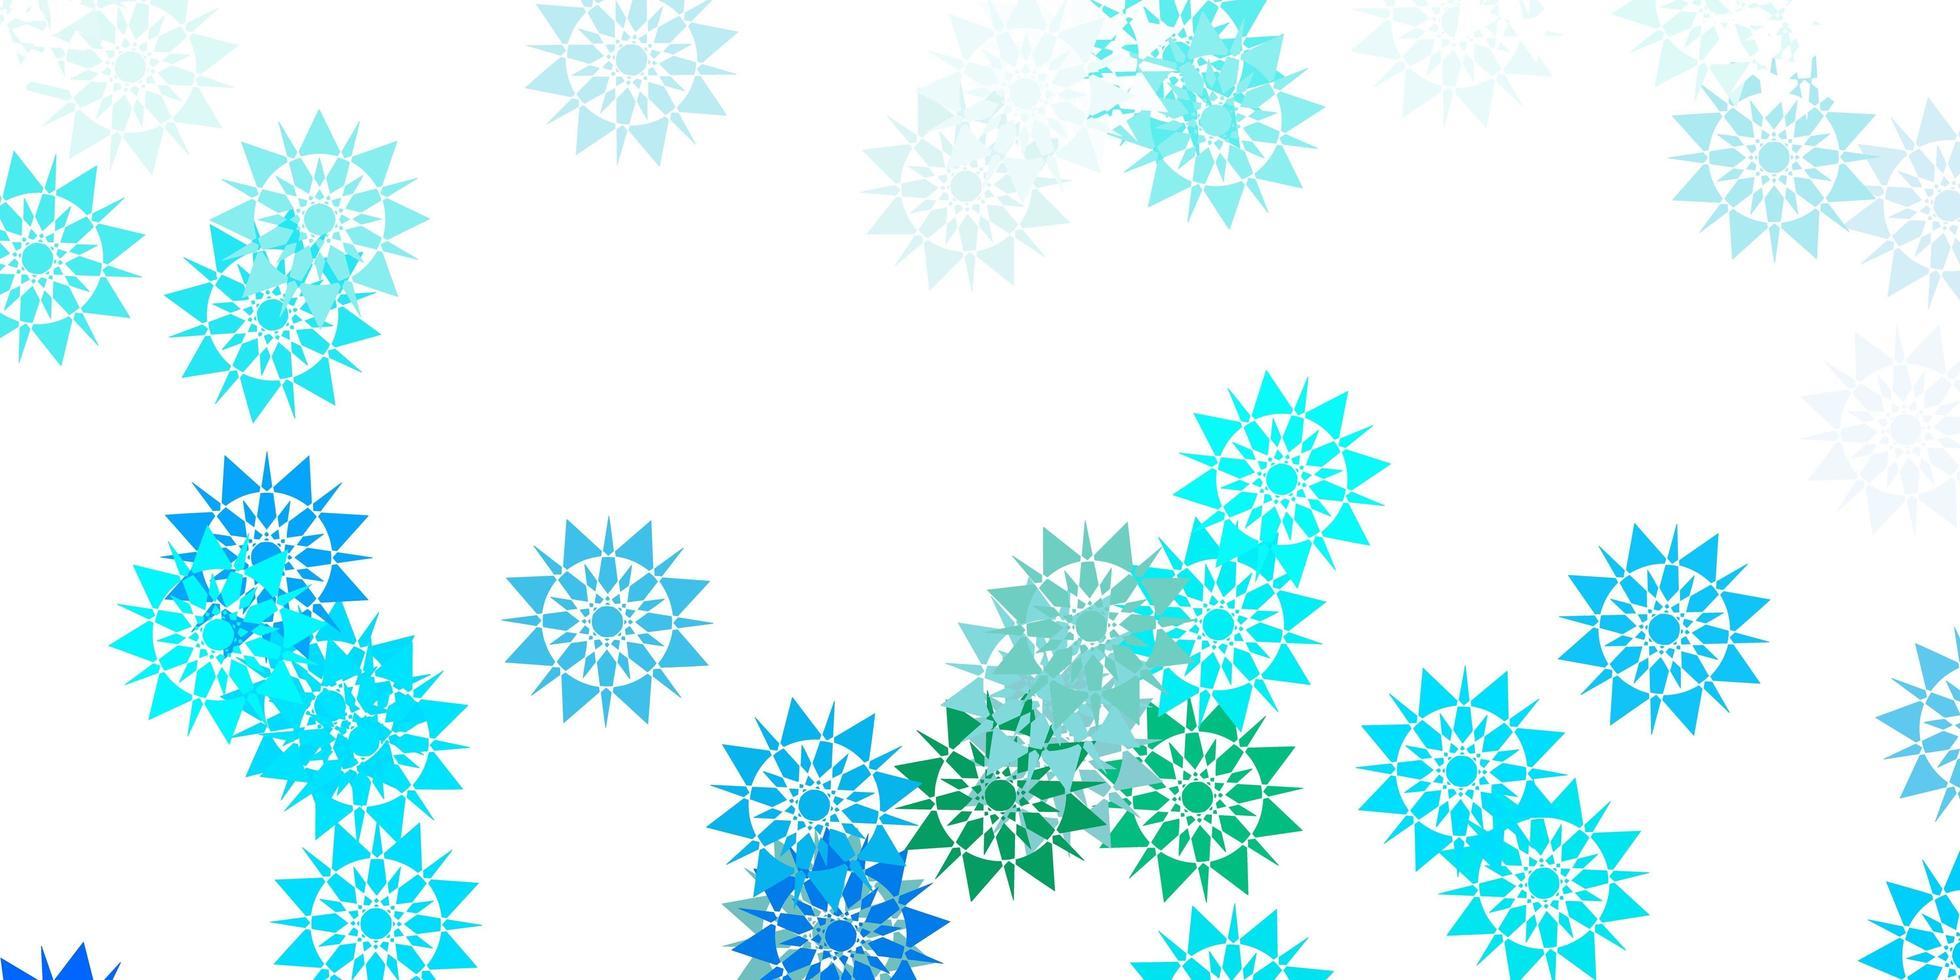 texture de vecteur bleu clair, vert avec des flocons de neige lumineux.